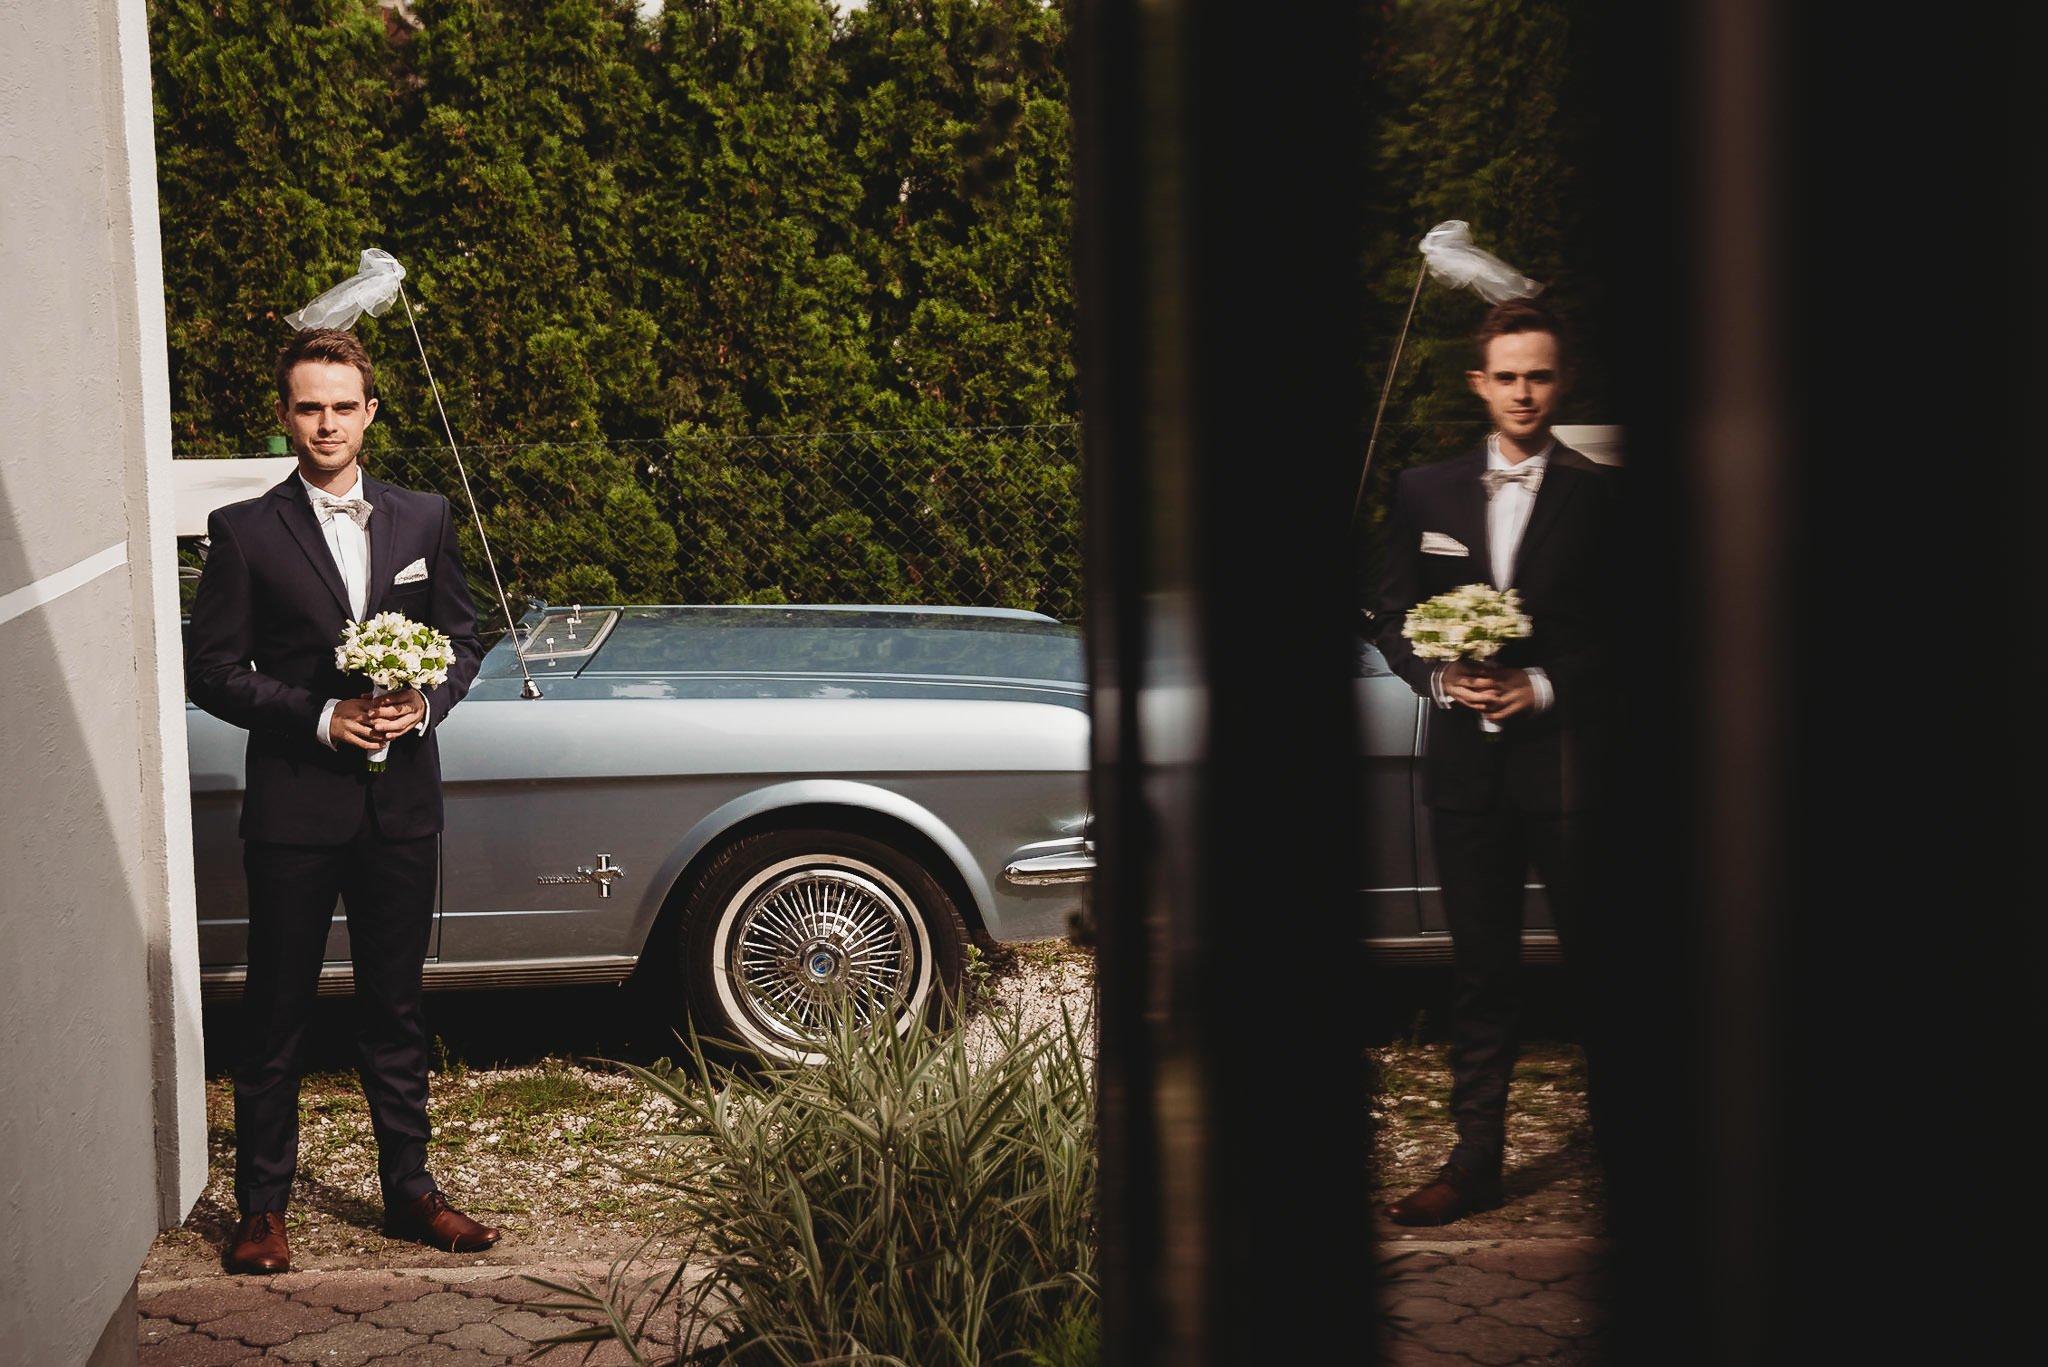 Angelika i Michał, piękne zdjęcia ślubne i sesja plenerowa w Gołuchowie 62